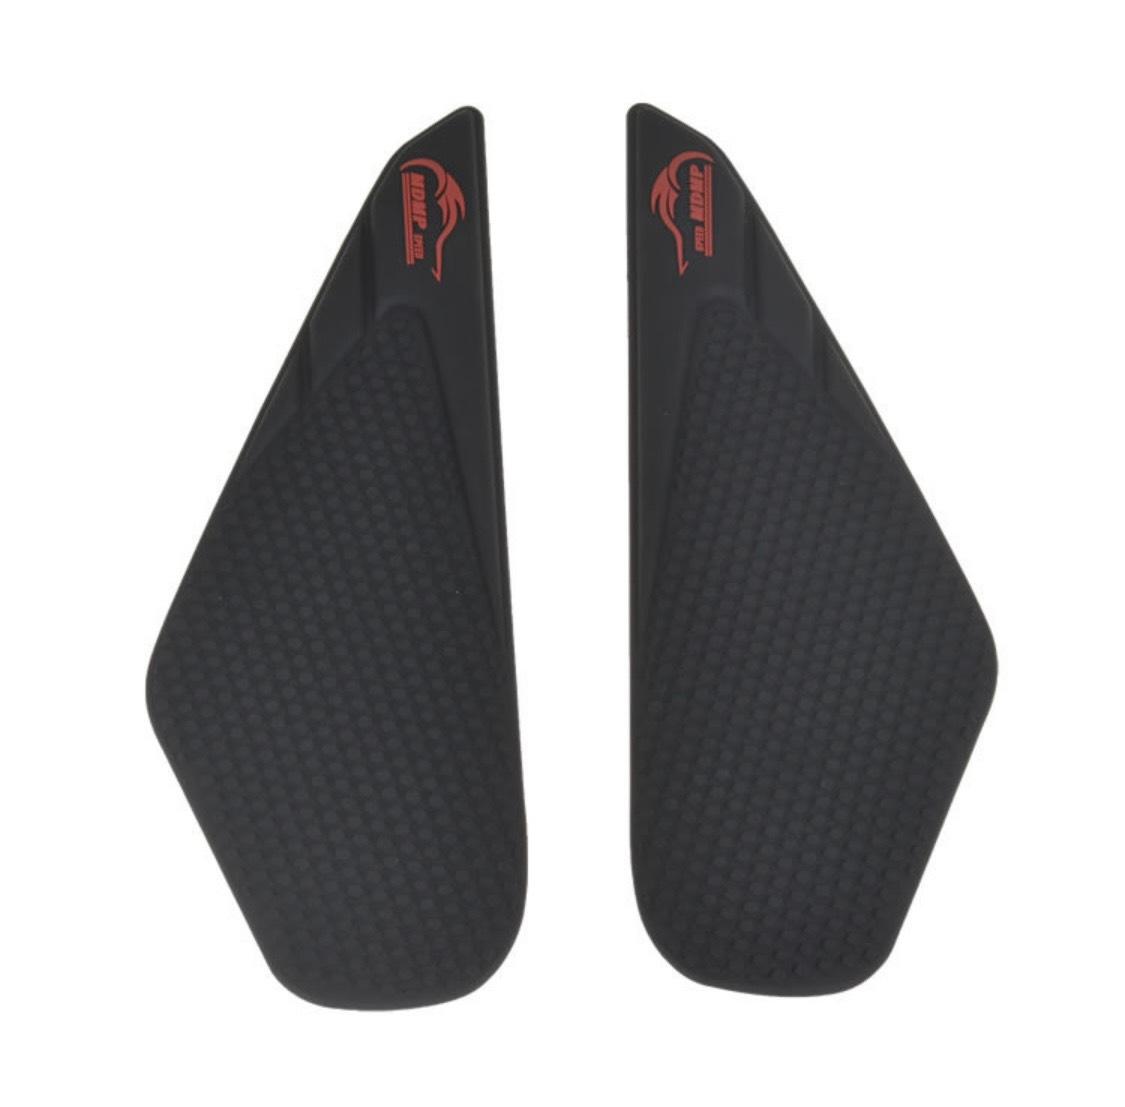 Miếng Dán Chống Trượt Bên Hông Bình Xăng  Chữ Nổi Cho Xe Ninja400 /Z400